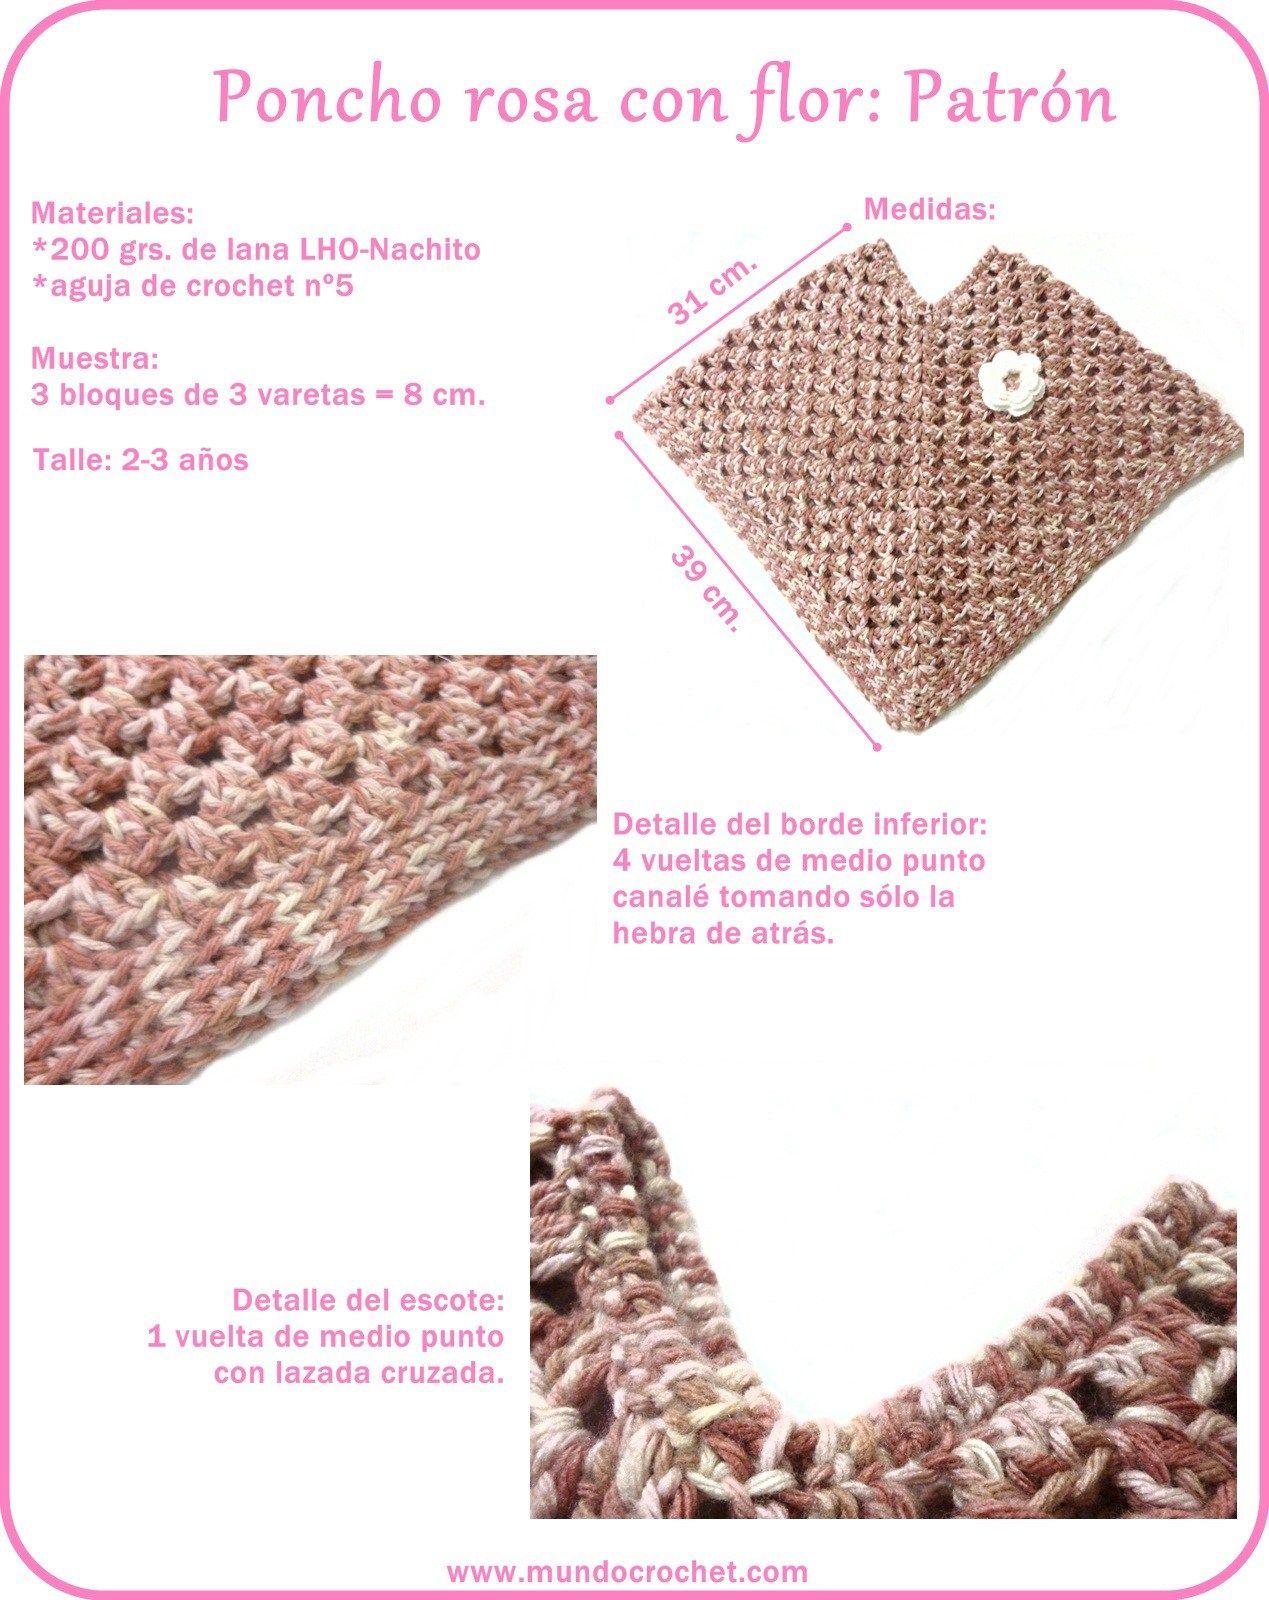 Patron poncho granny a crochet o ganchillo   Ponchos   Pinterest ...